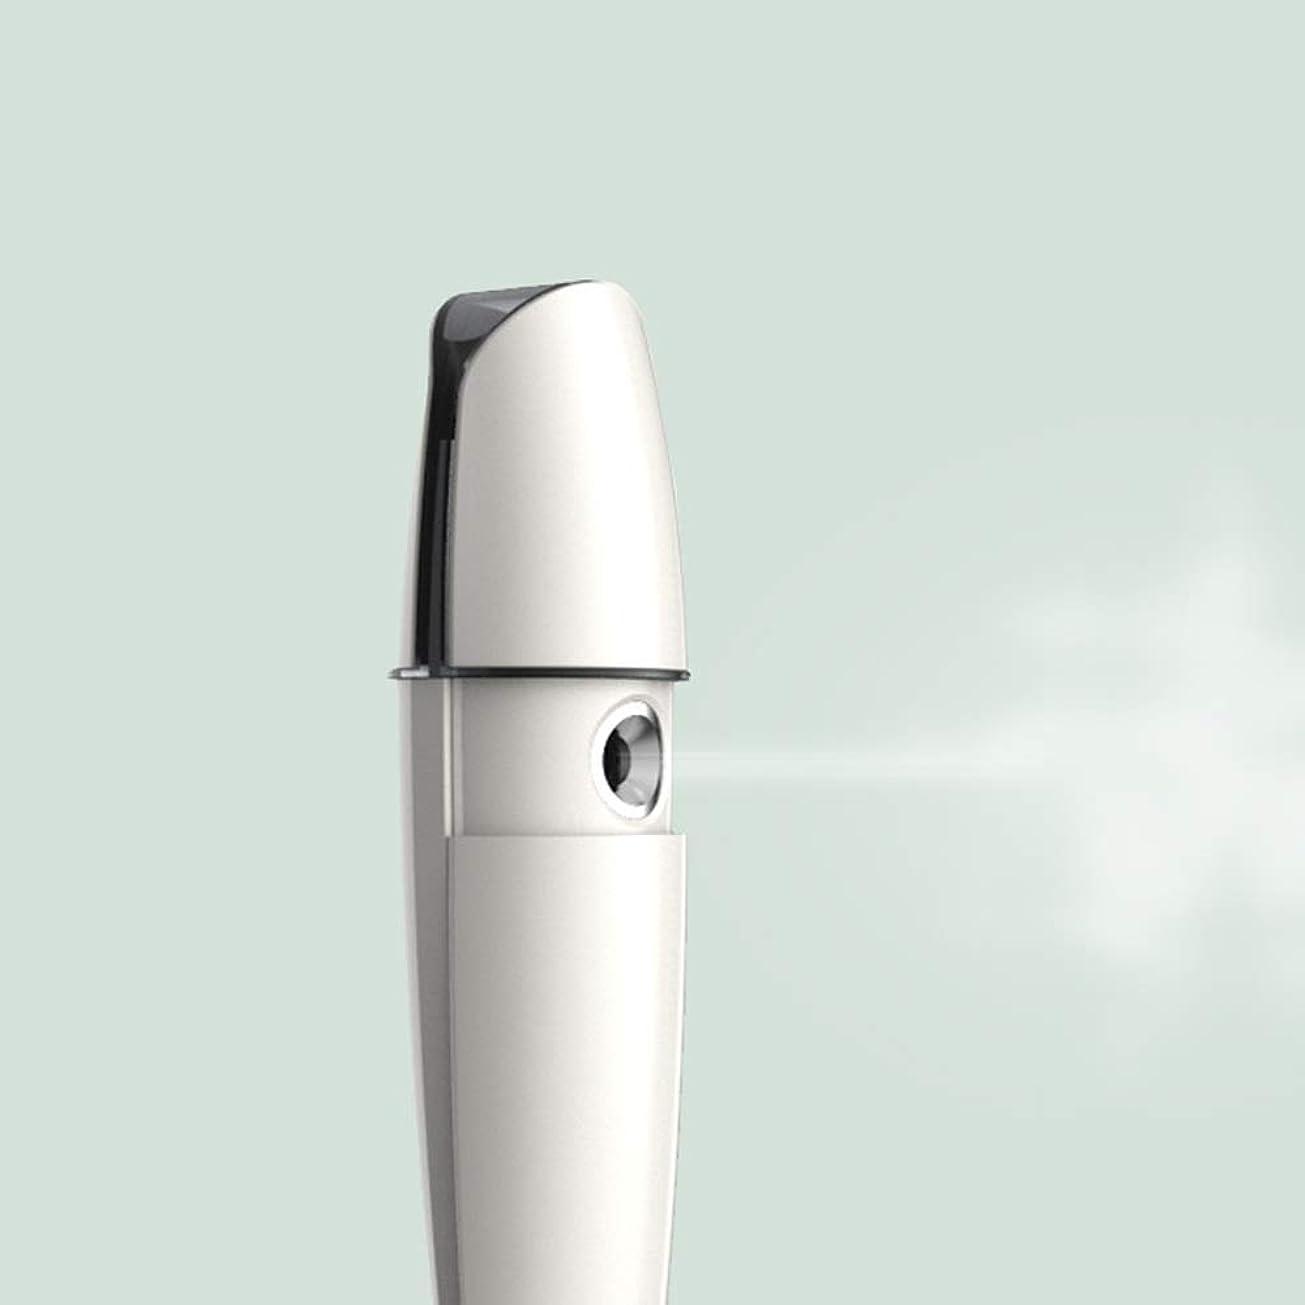 恐ろしいブランク郵便屋さんZXF 充電式コールドスプレー機家庭用スチームフェイス美容機器ナノスプレーフェイス加湿水道メーターホワイトABS素材 滑らかである